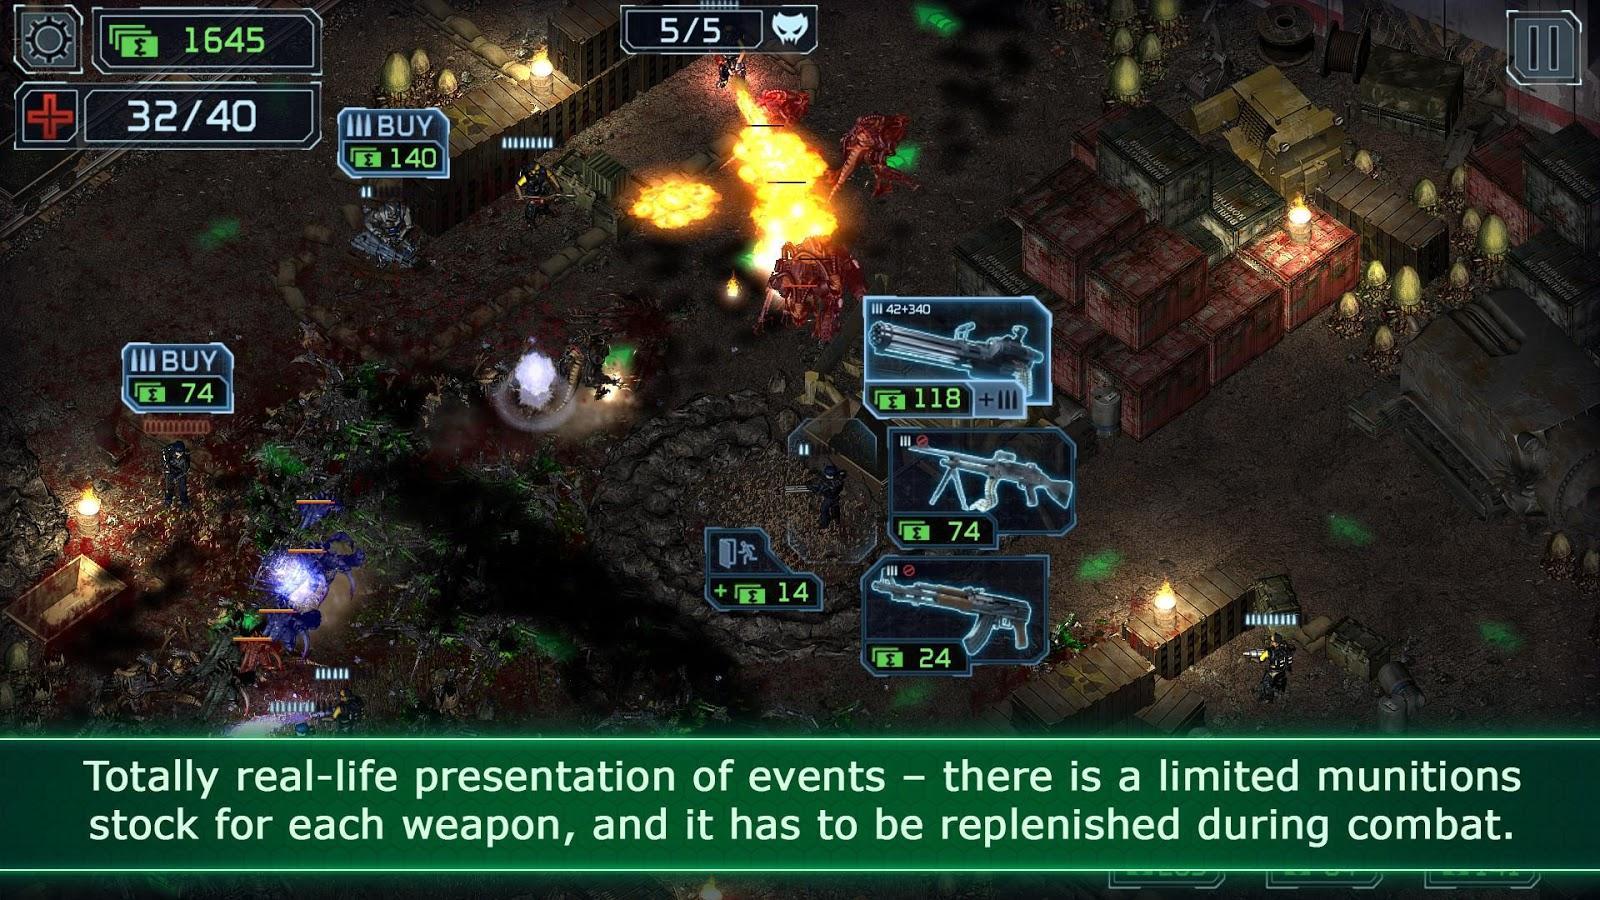 alien shooter 3 - xn--90aeebbbwpou1bh3i.xn--p1ai